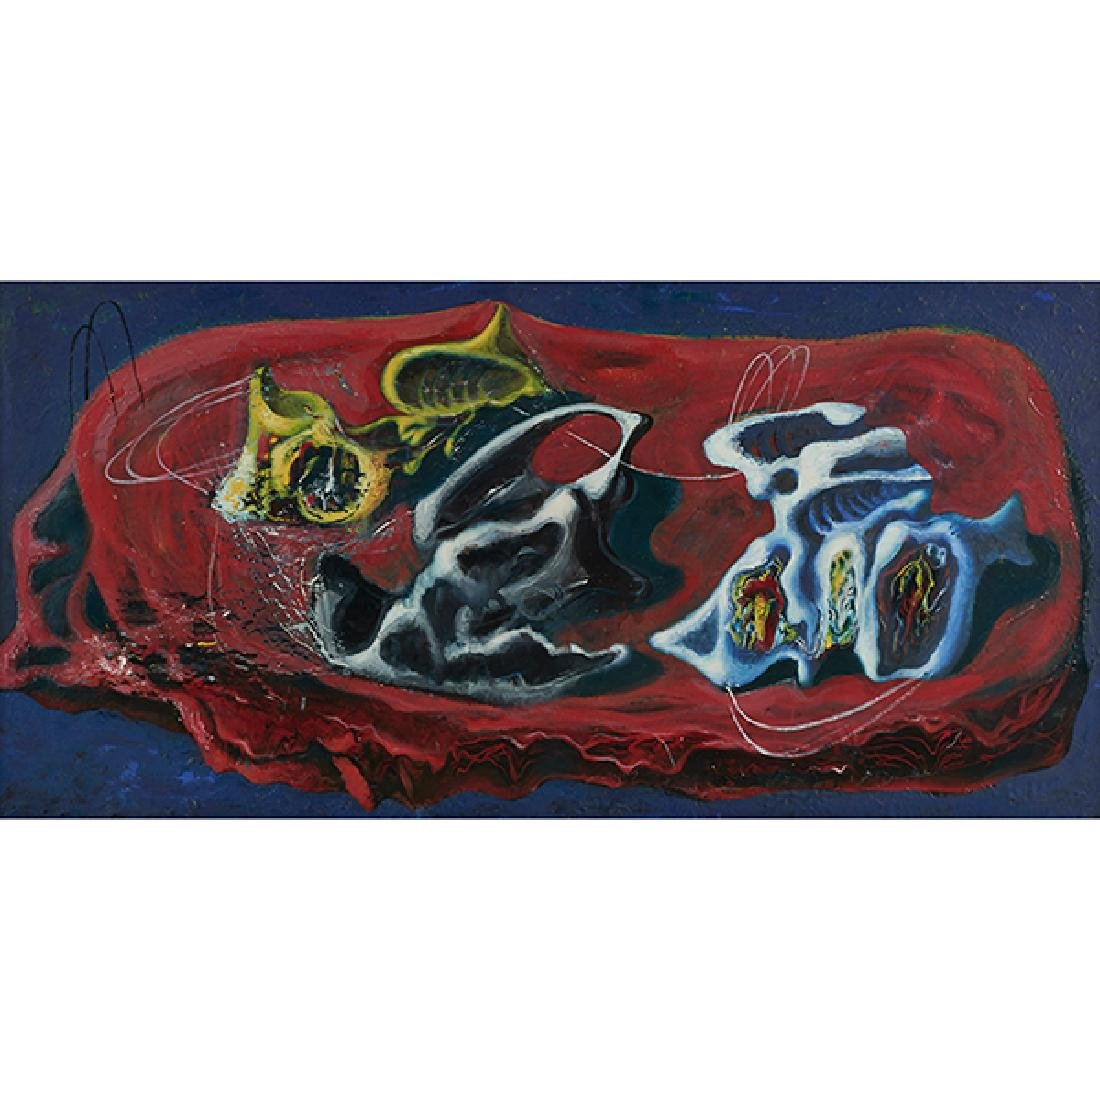 Ezio Martinelli, (American, 1895-1987), Untitled, oil